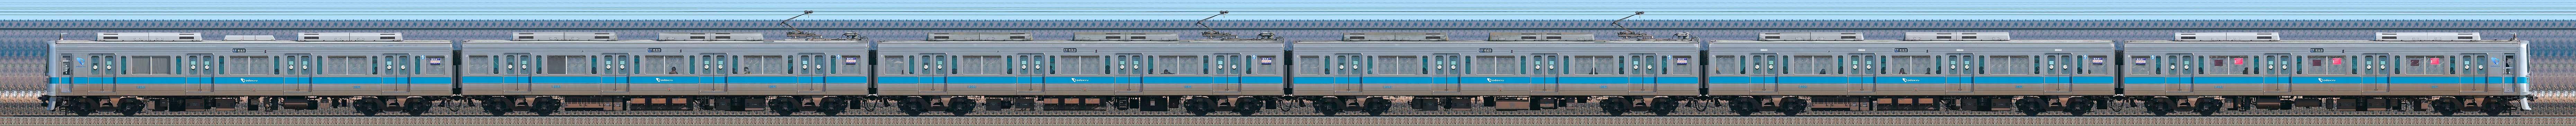 小田急1000形1253×6(山側)の編成サイドビュー